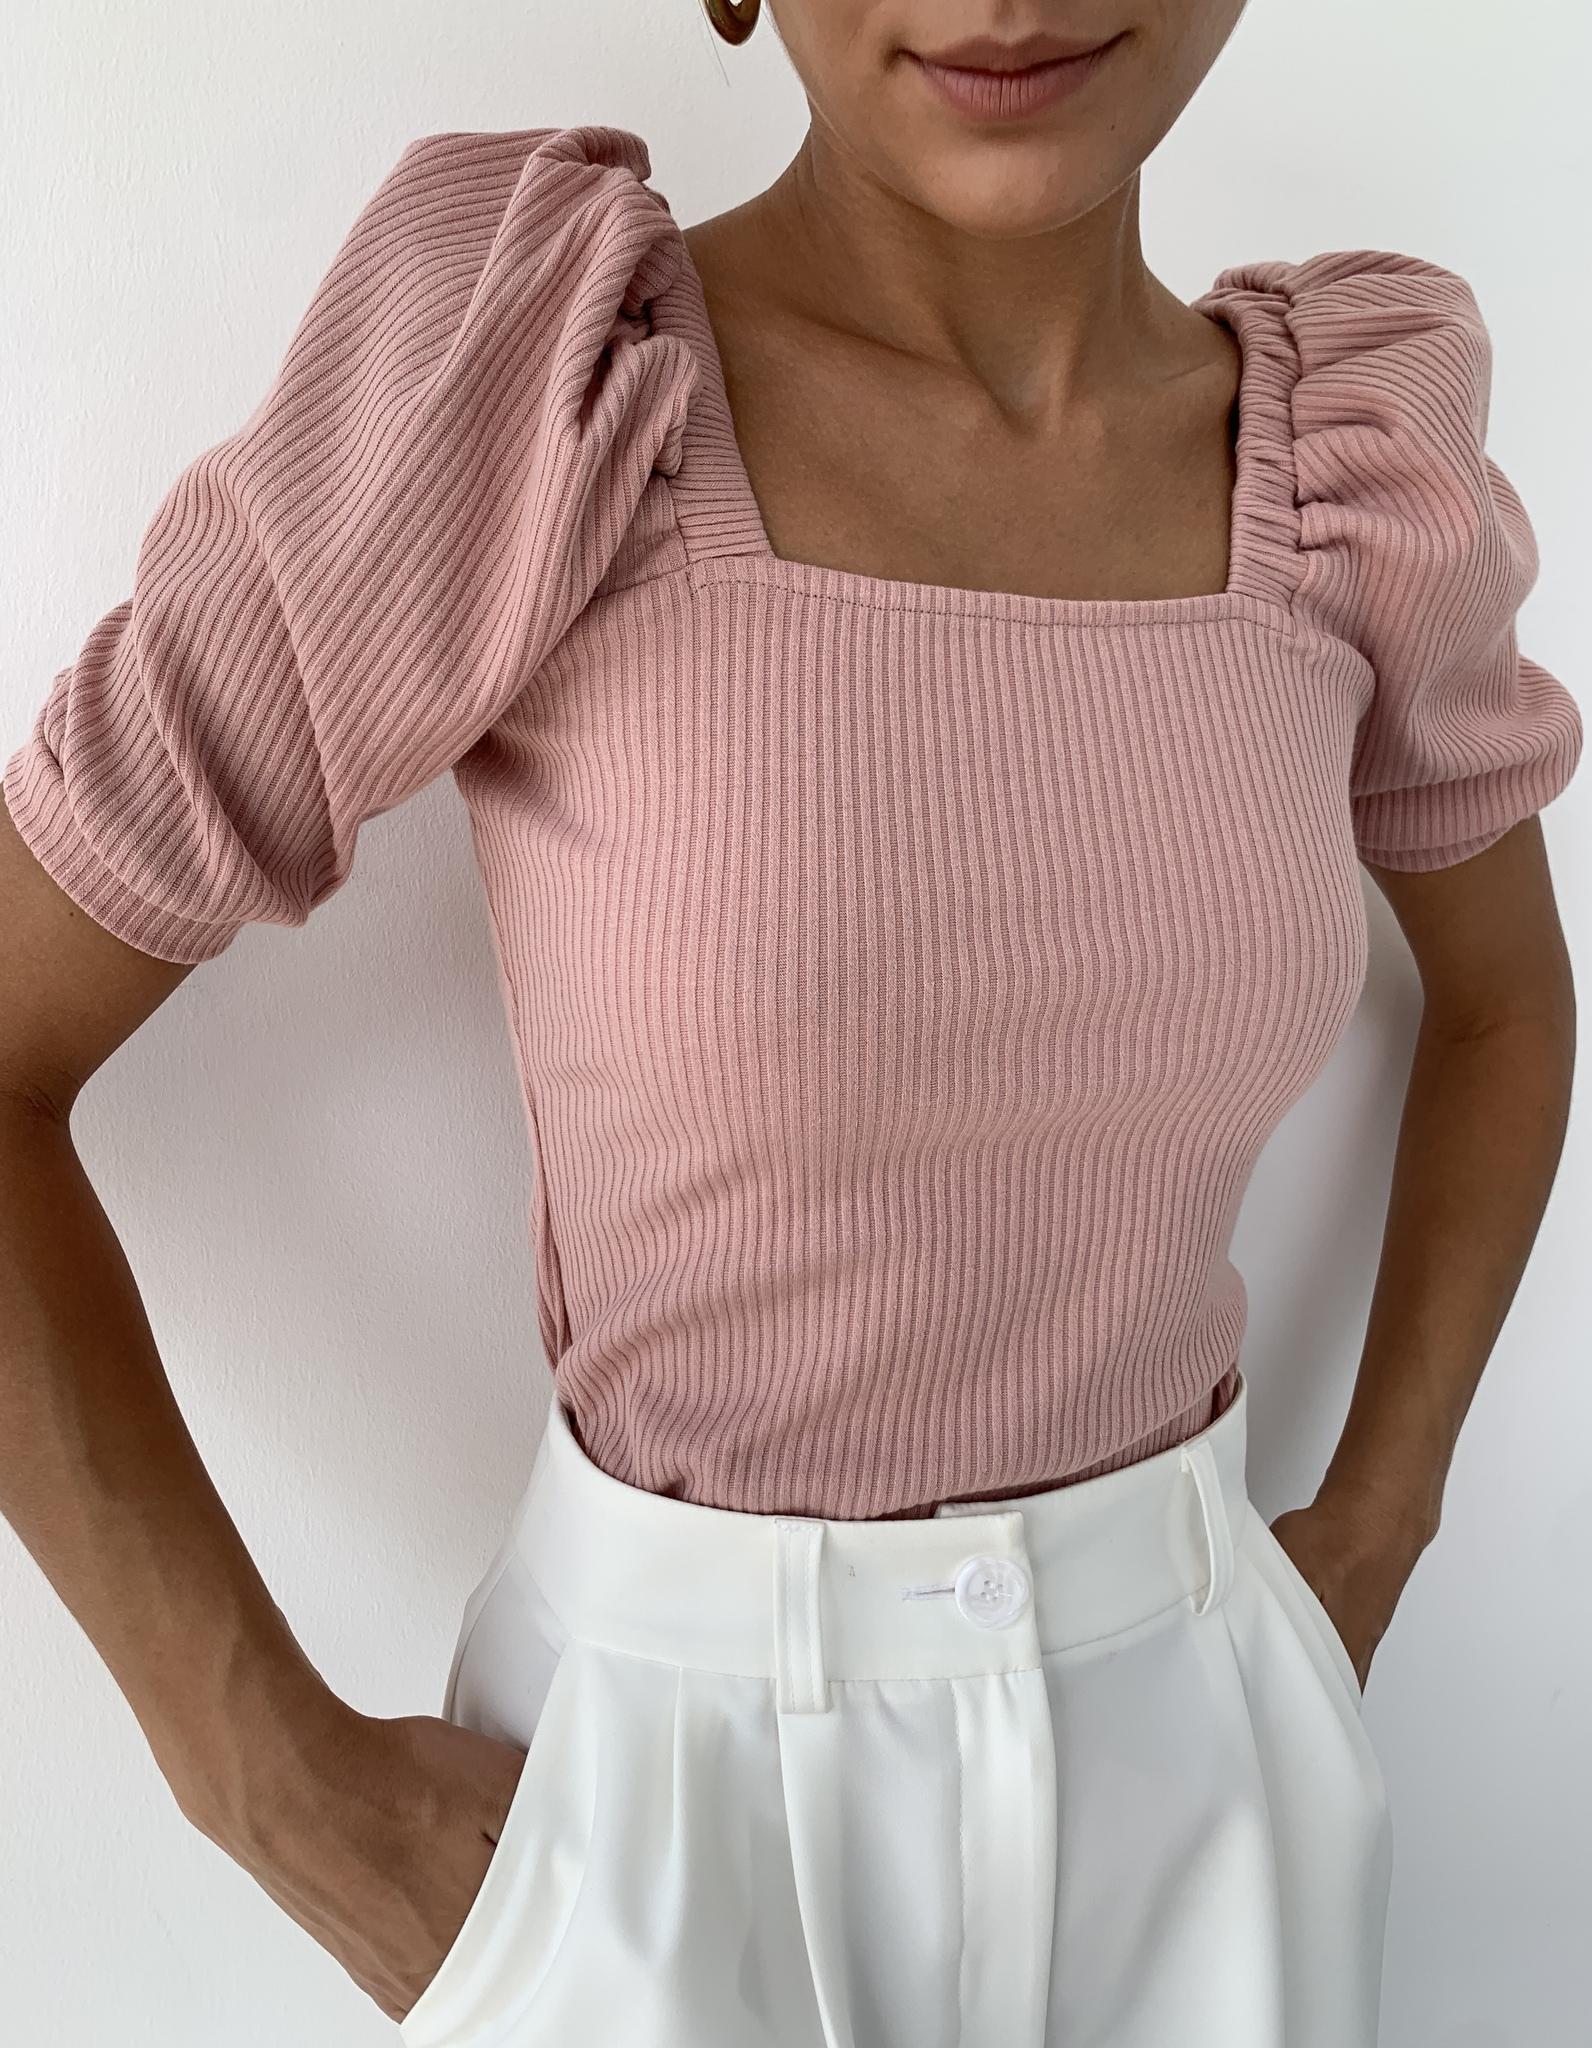 Кофточка с коротким пышным рукавом (светло-розовый)